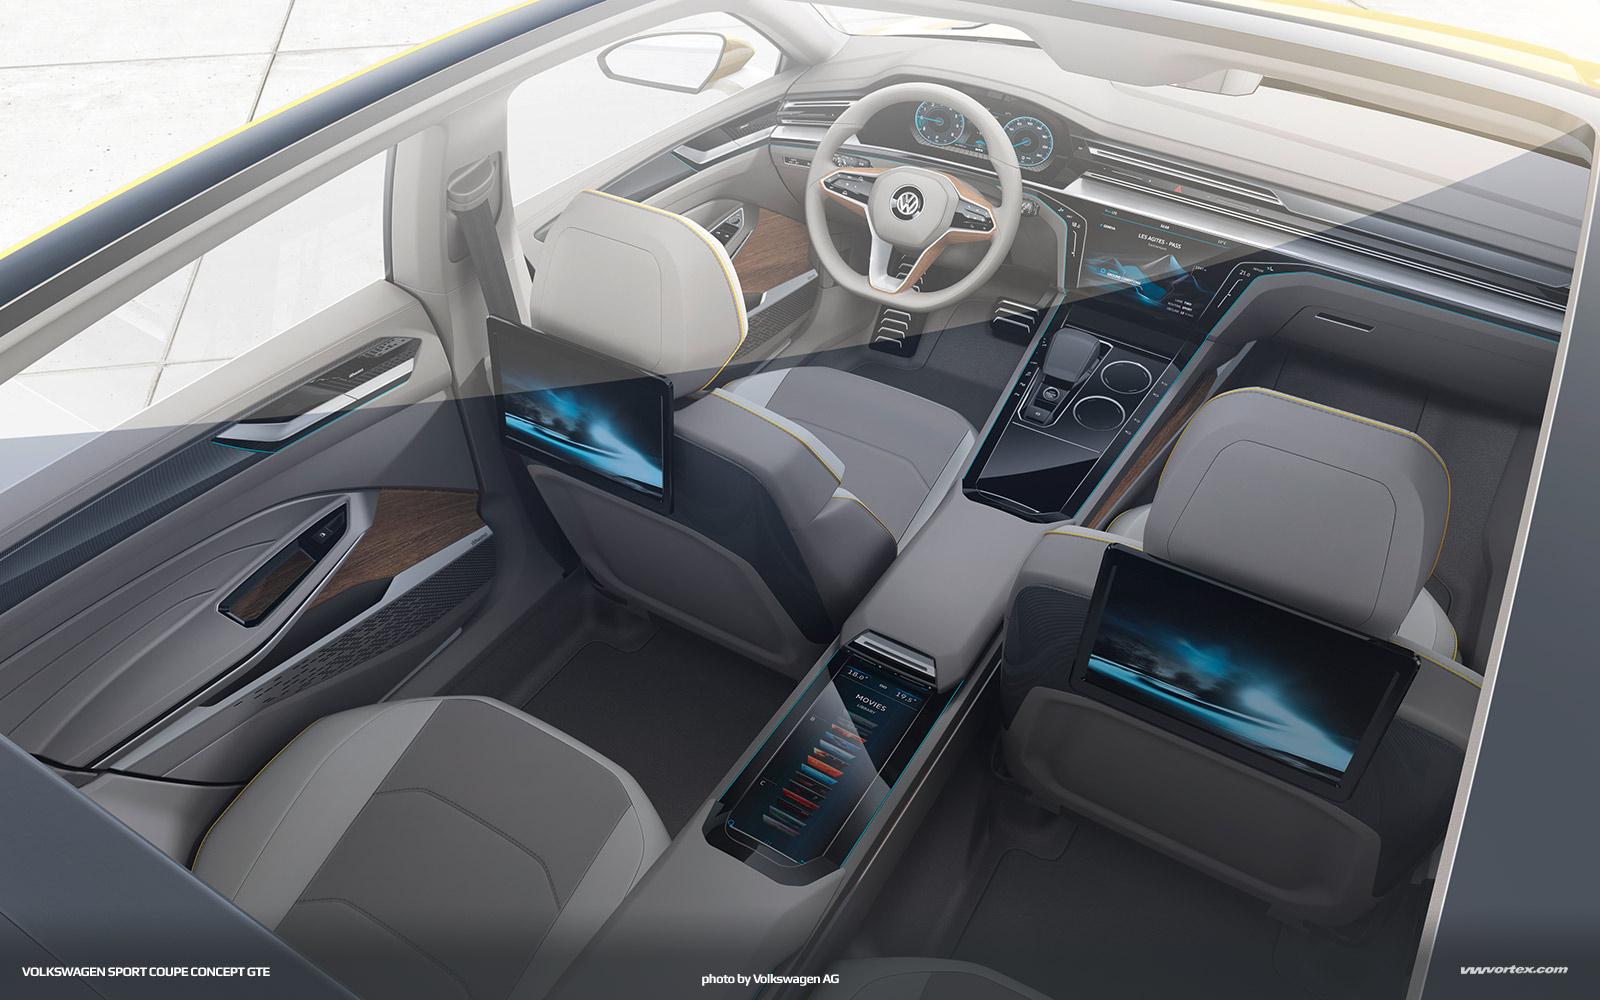 VW_Sport_Coupe_Concept_GTE_INT_006_02